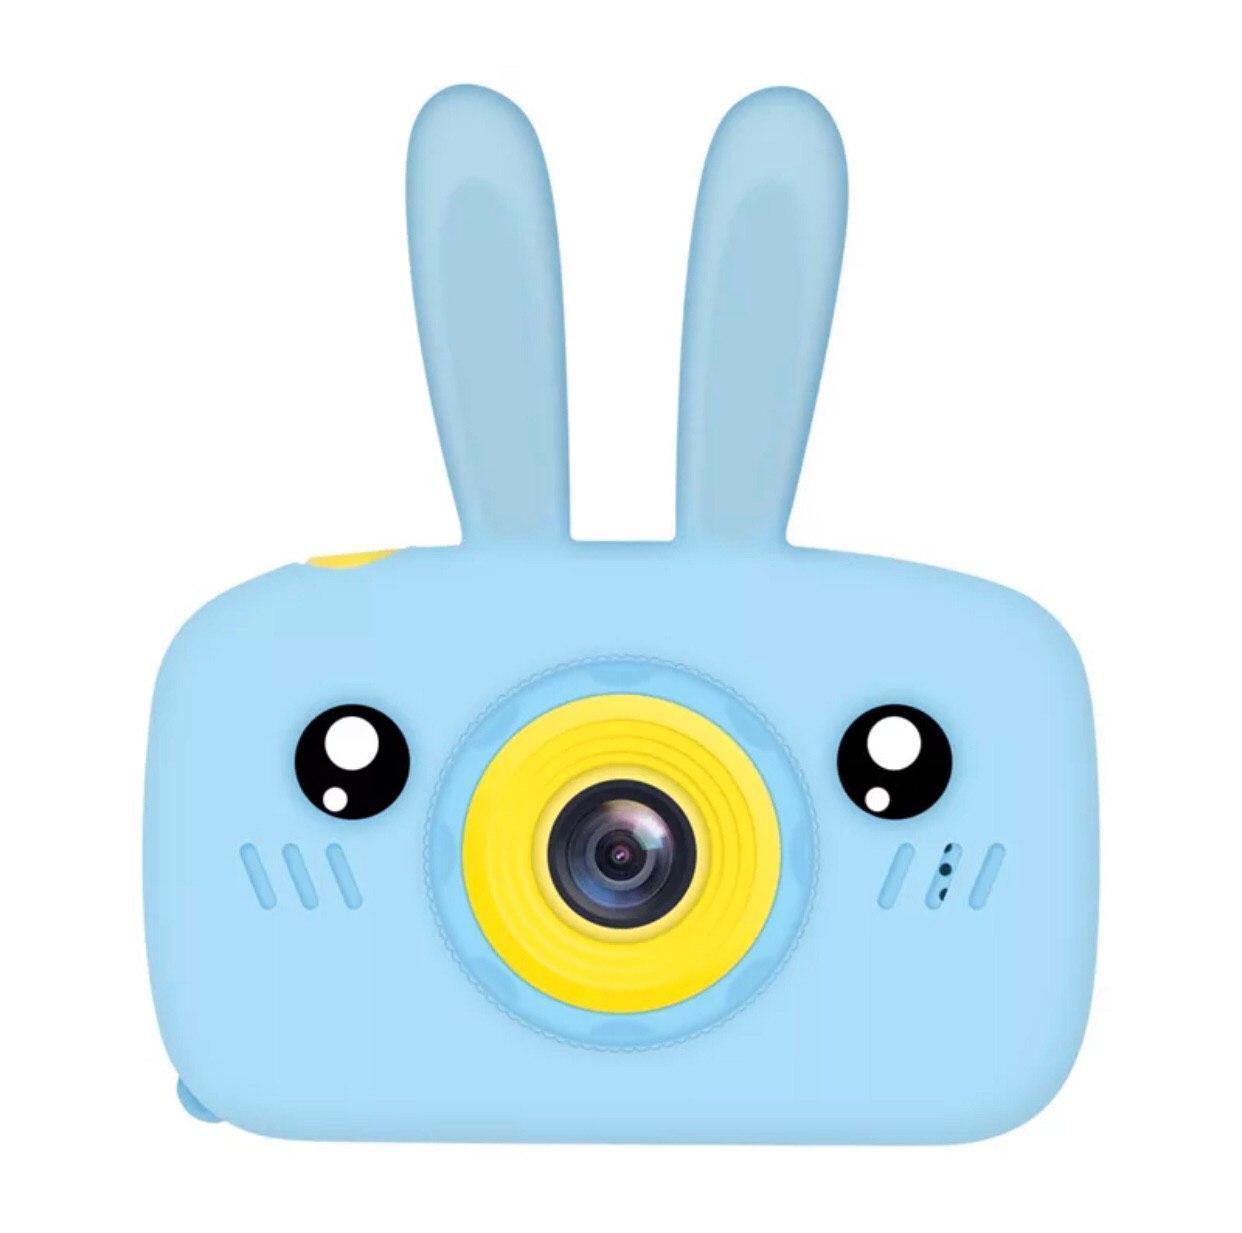 Детская Фото-видеокамера Bordo с ушками 1200P, дисплей 2.0 HD F4 Blue